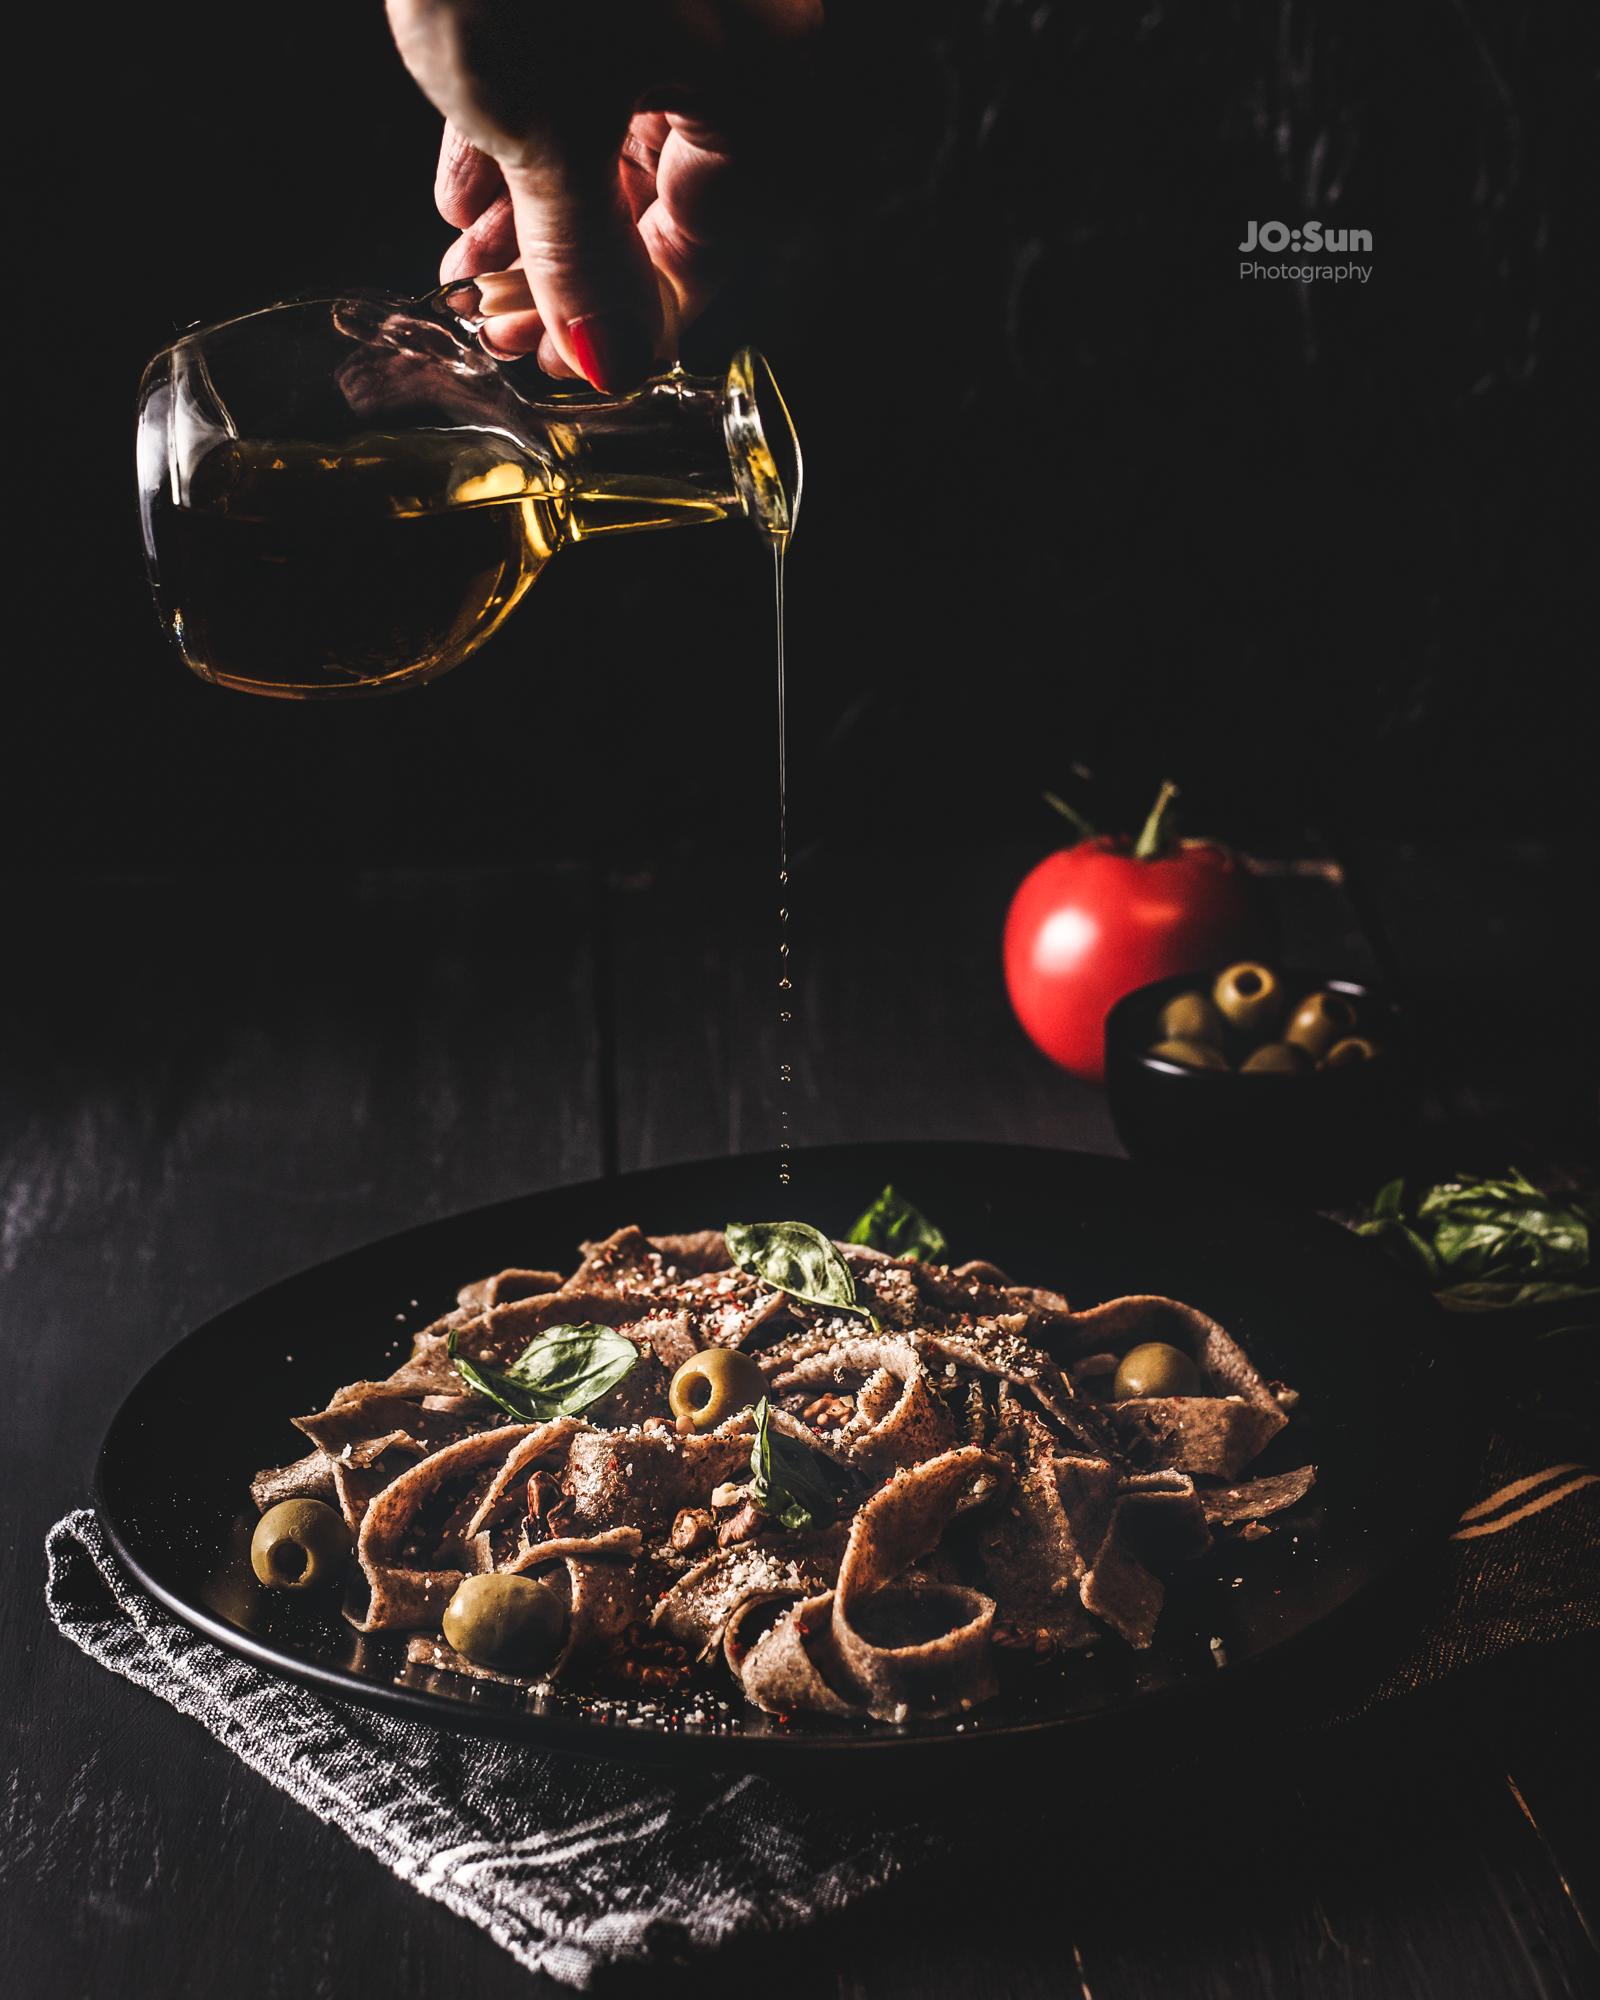 danie z makaronem z orzechami i oliwką